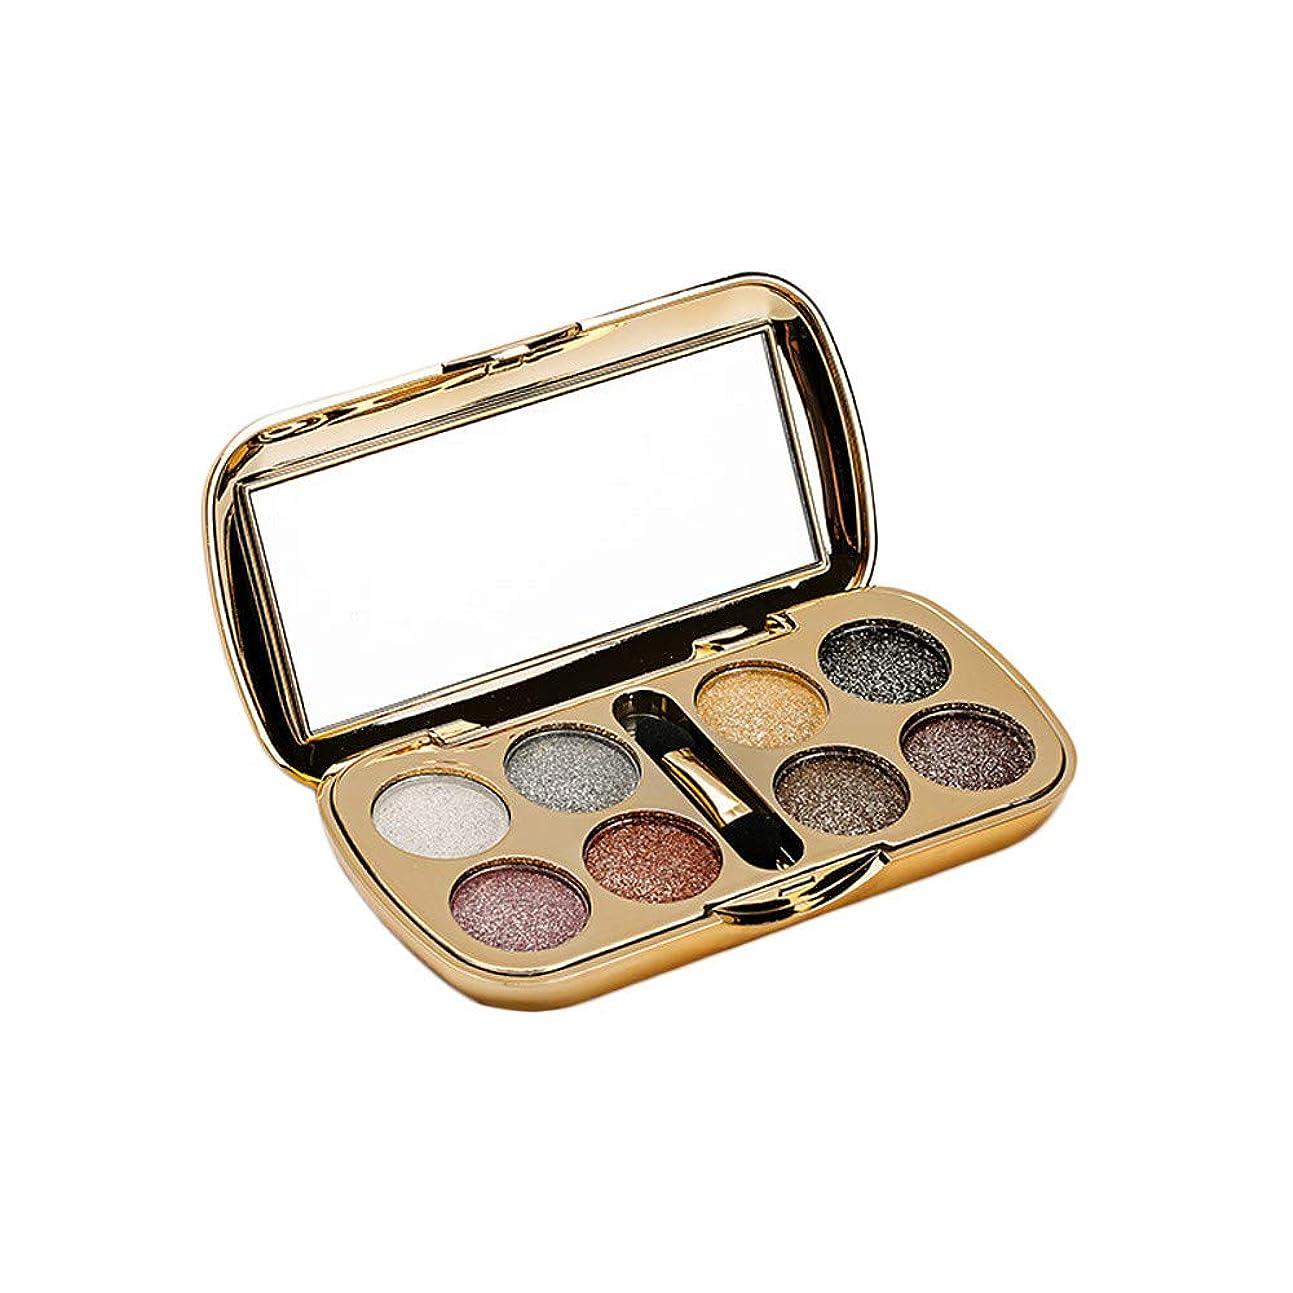 眼罹患率マリナーAkane アイシャドウパレット Lameila 綺麗 魅力的 ファッション 人気 気質的 キラキラ ダイヤモンド チャーム 防水 長持ち おしゃれ 持ち便利 Eye Shadow (8色) 3551